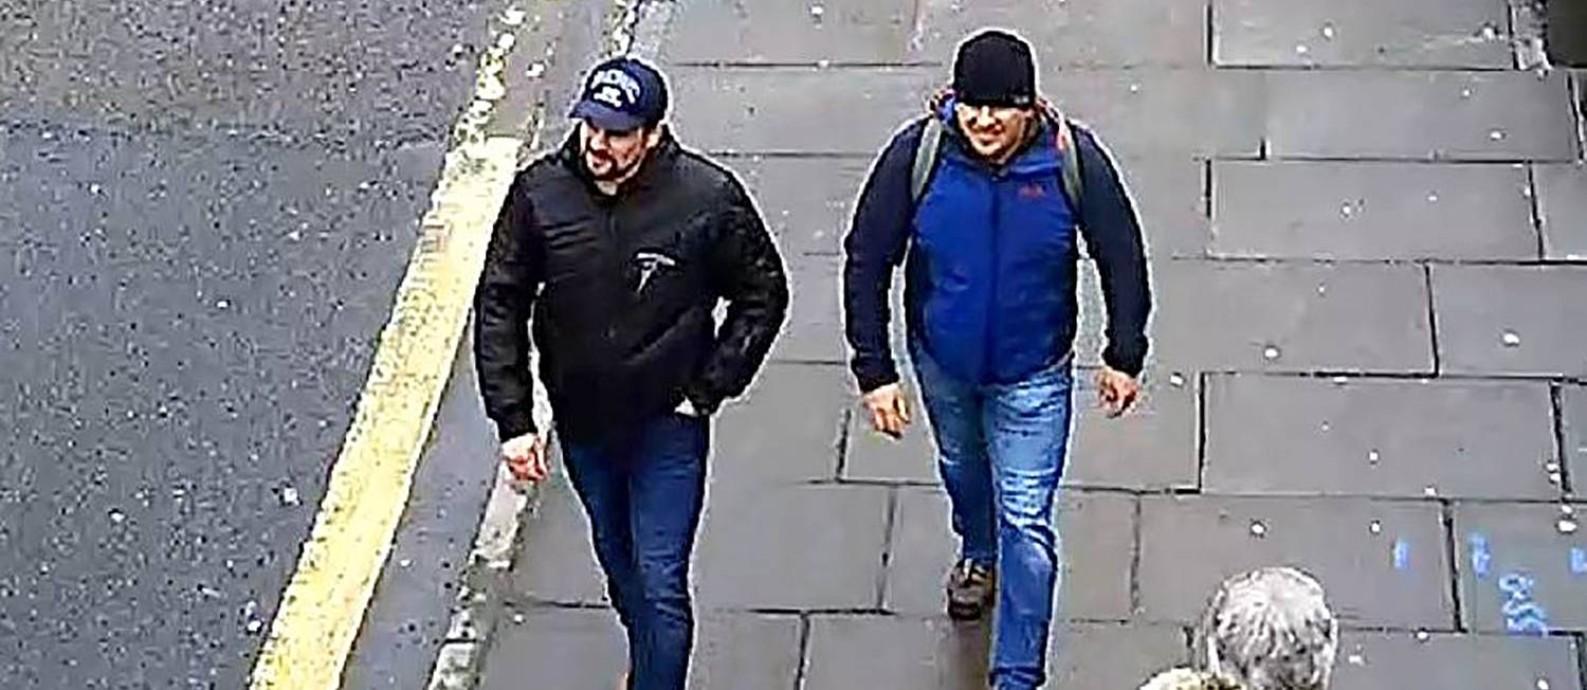 Imagem de câmera de segurança mostra dois homens suspeitos de terem envenenado o ex-espião russo Sergei Skripal e sua filha, Yulia, no Reino Unido, em 2018 Foto: AFP